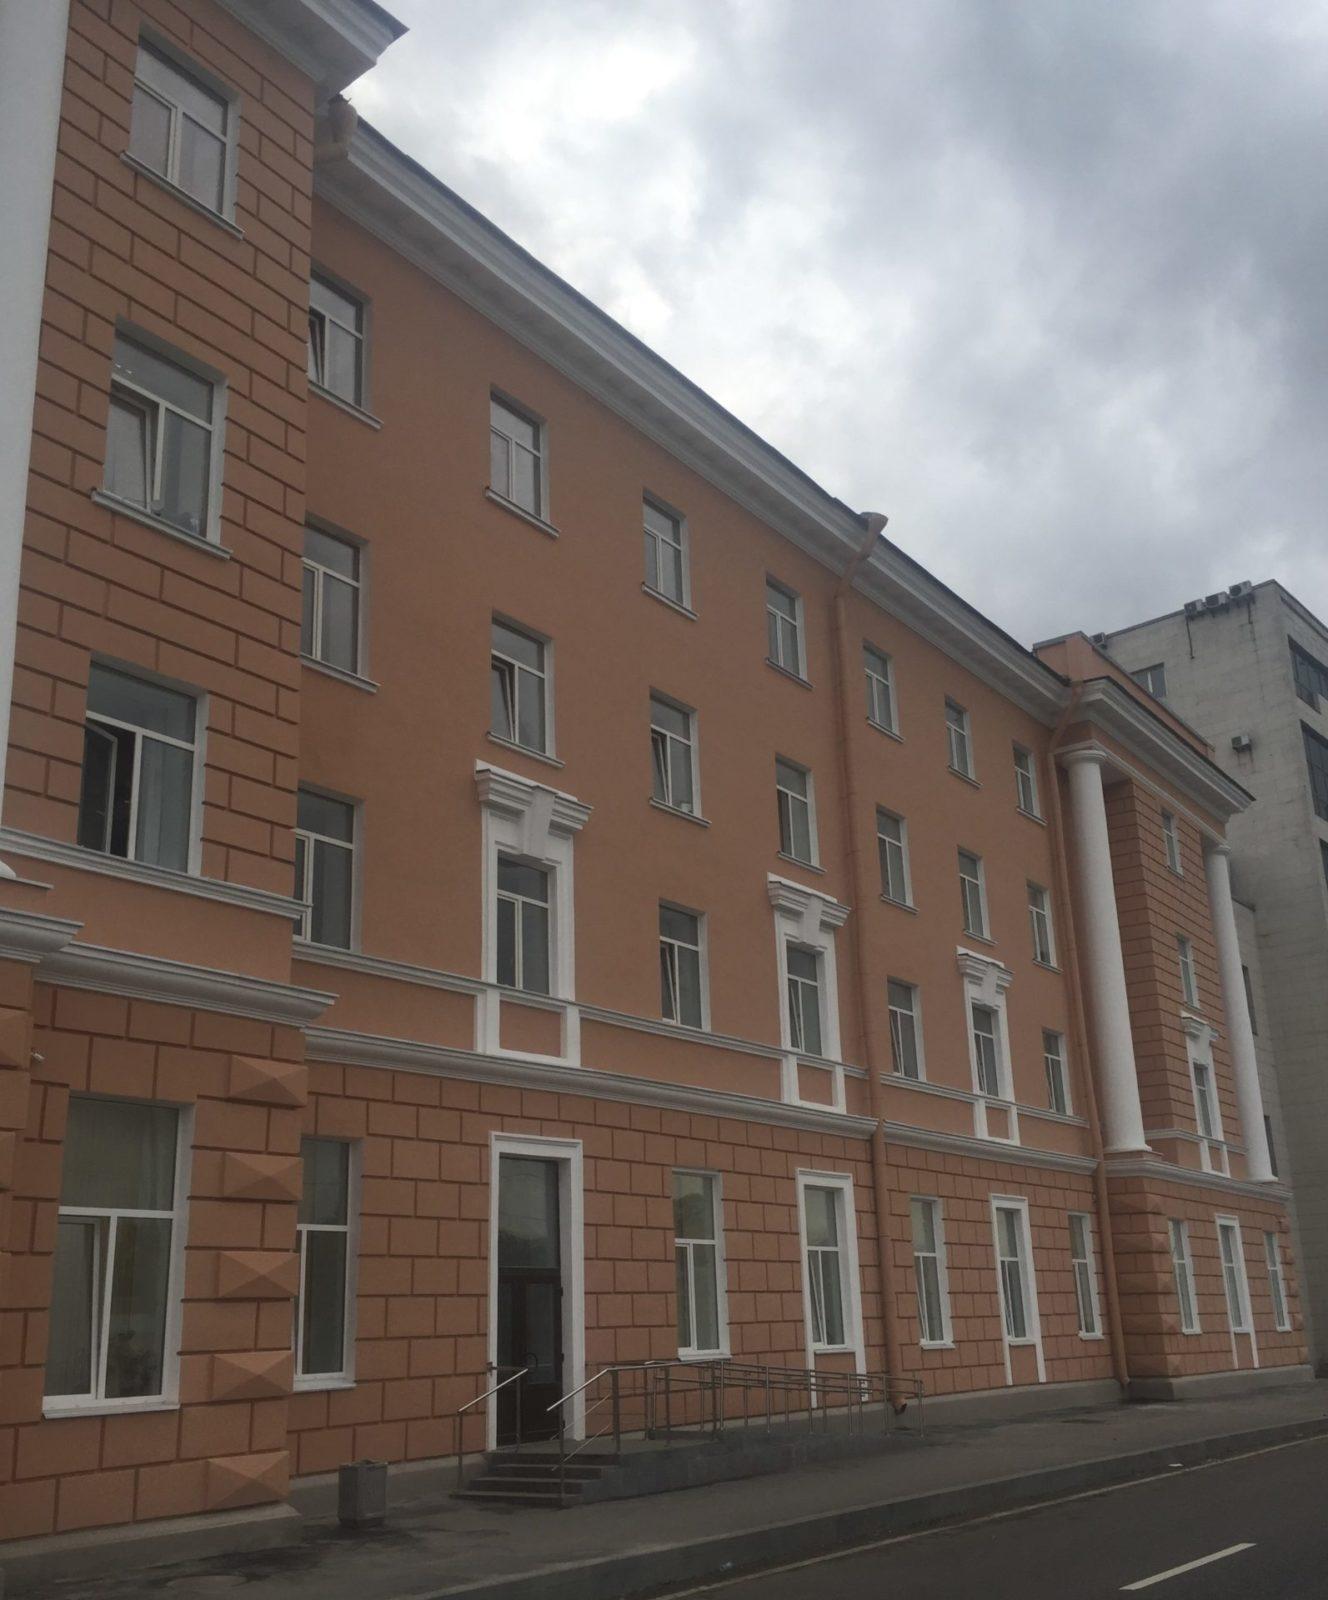 Капитальный ремонт фасада в короткие сроки на ул. Набережная Обводного канала, д.14 в Питере